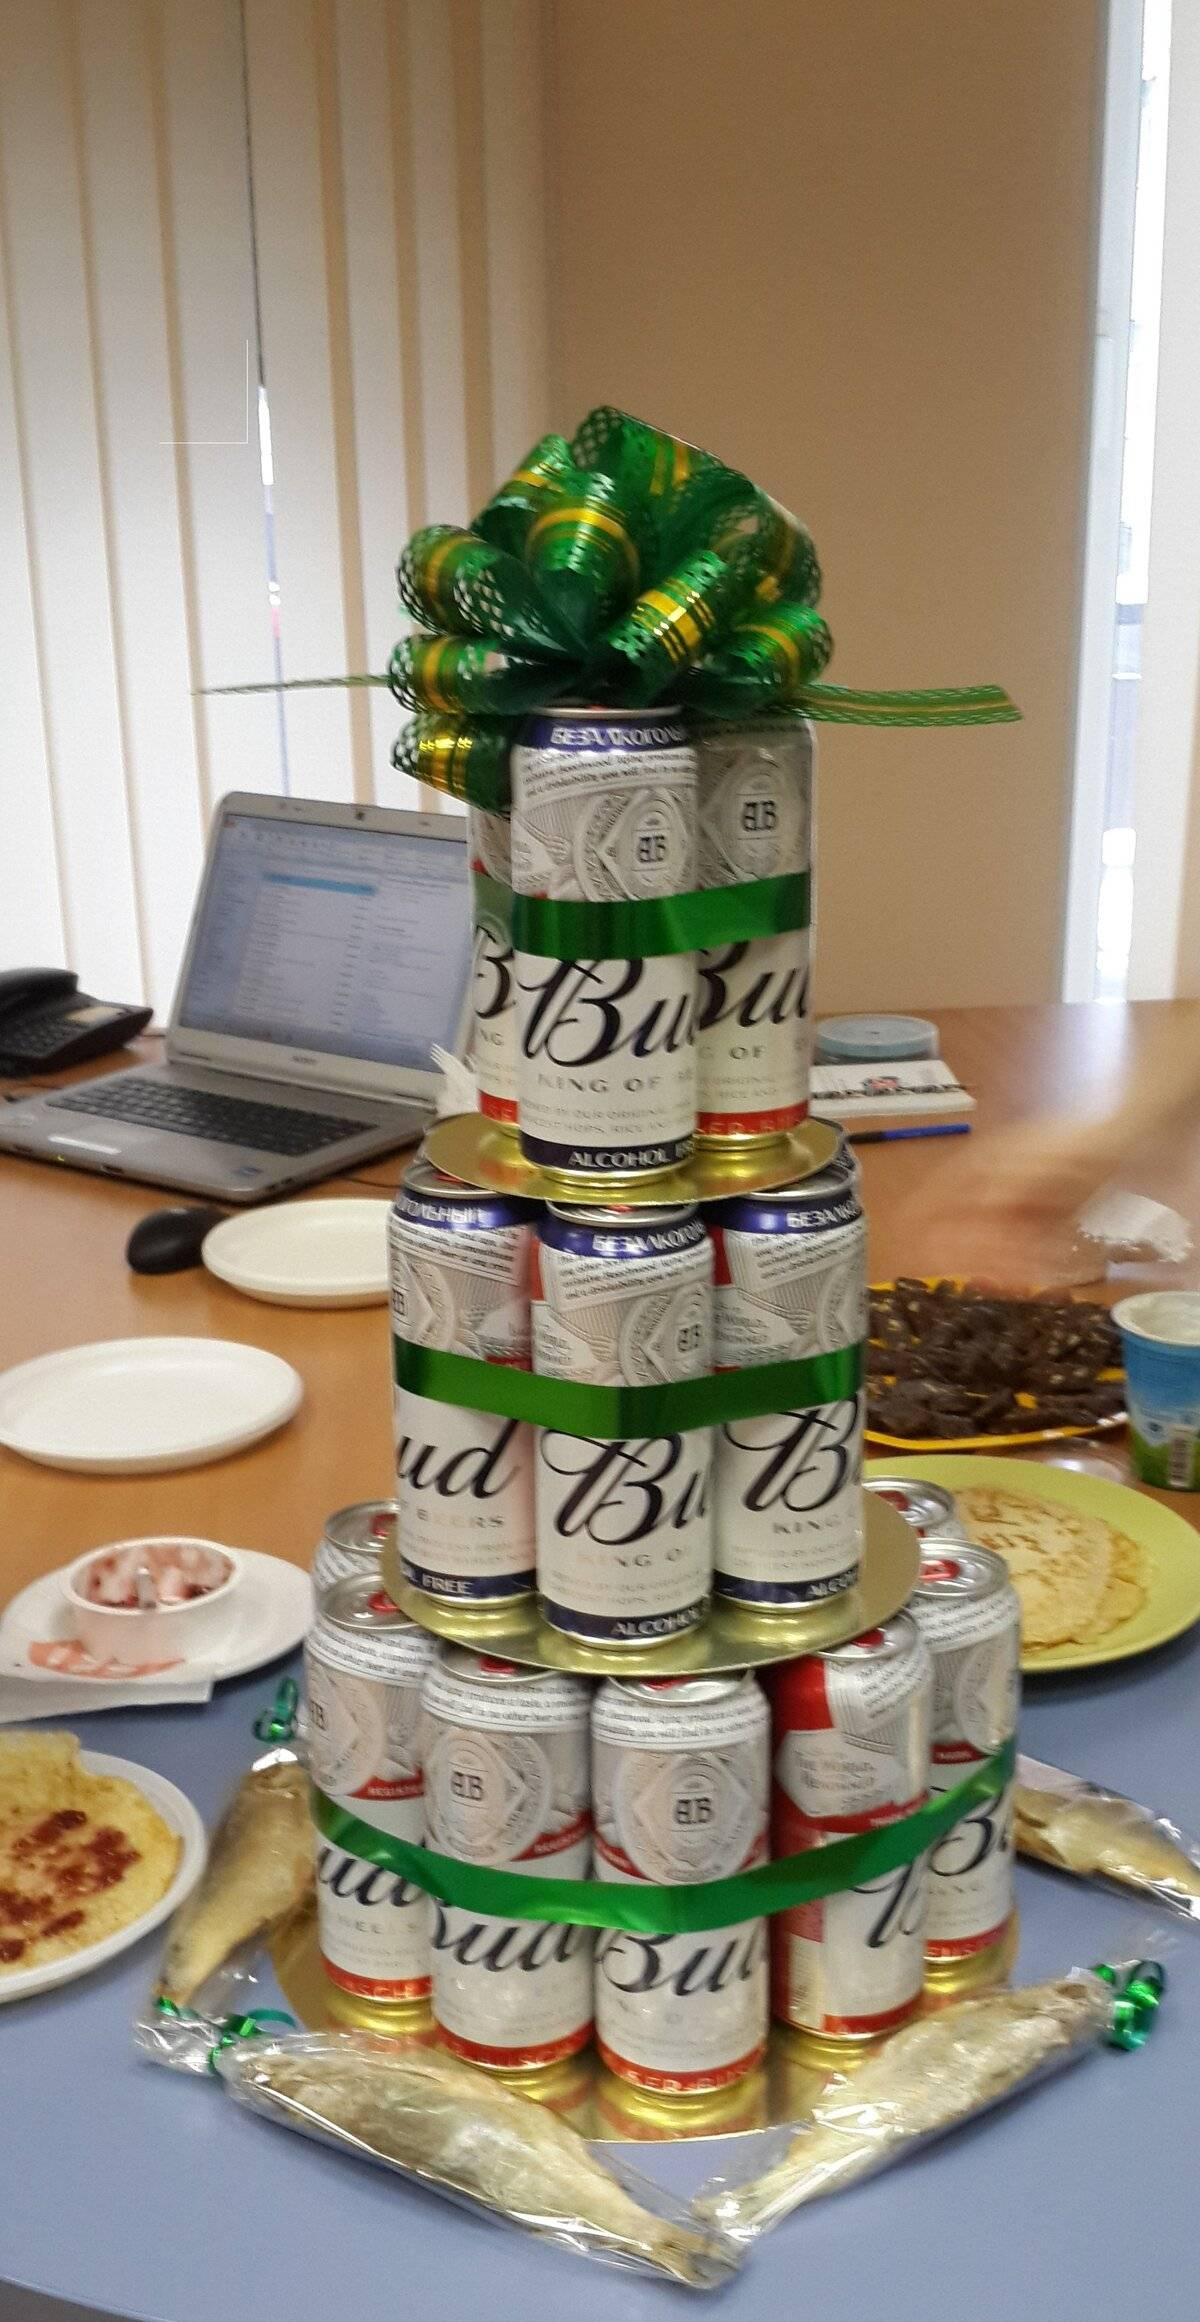 Тортик из пива для мужа. мастер-класс по созданию торта из пива. как сделать букет из мужских трусов